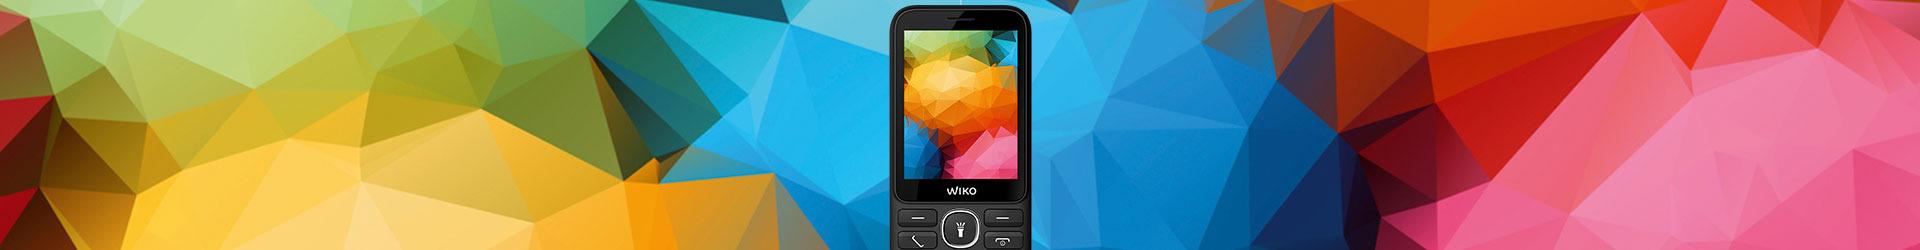 Features Phones Wiko